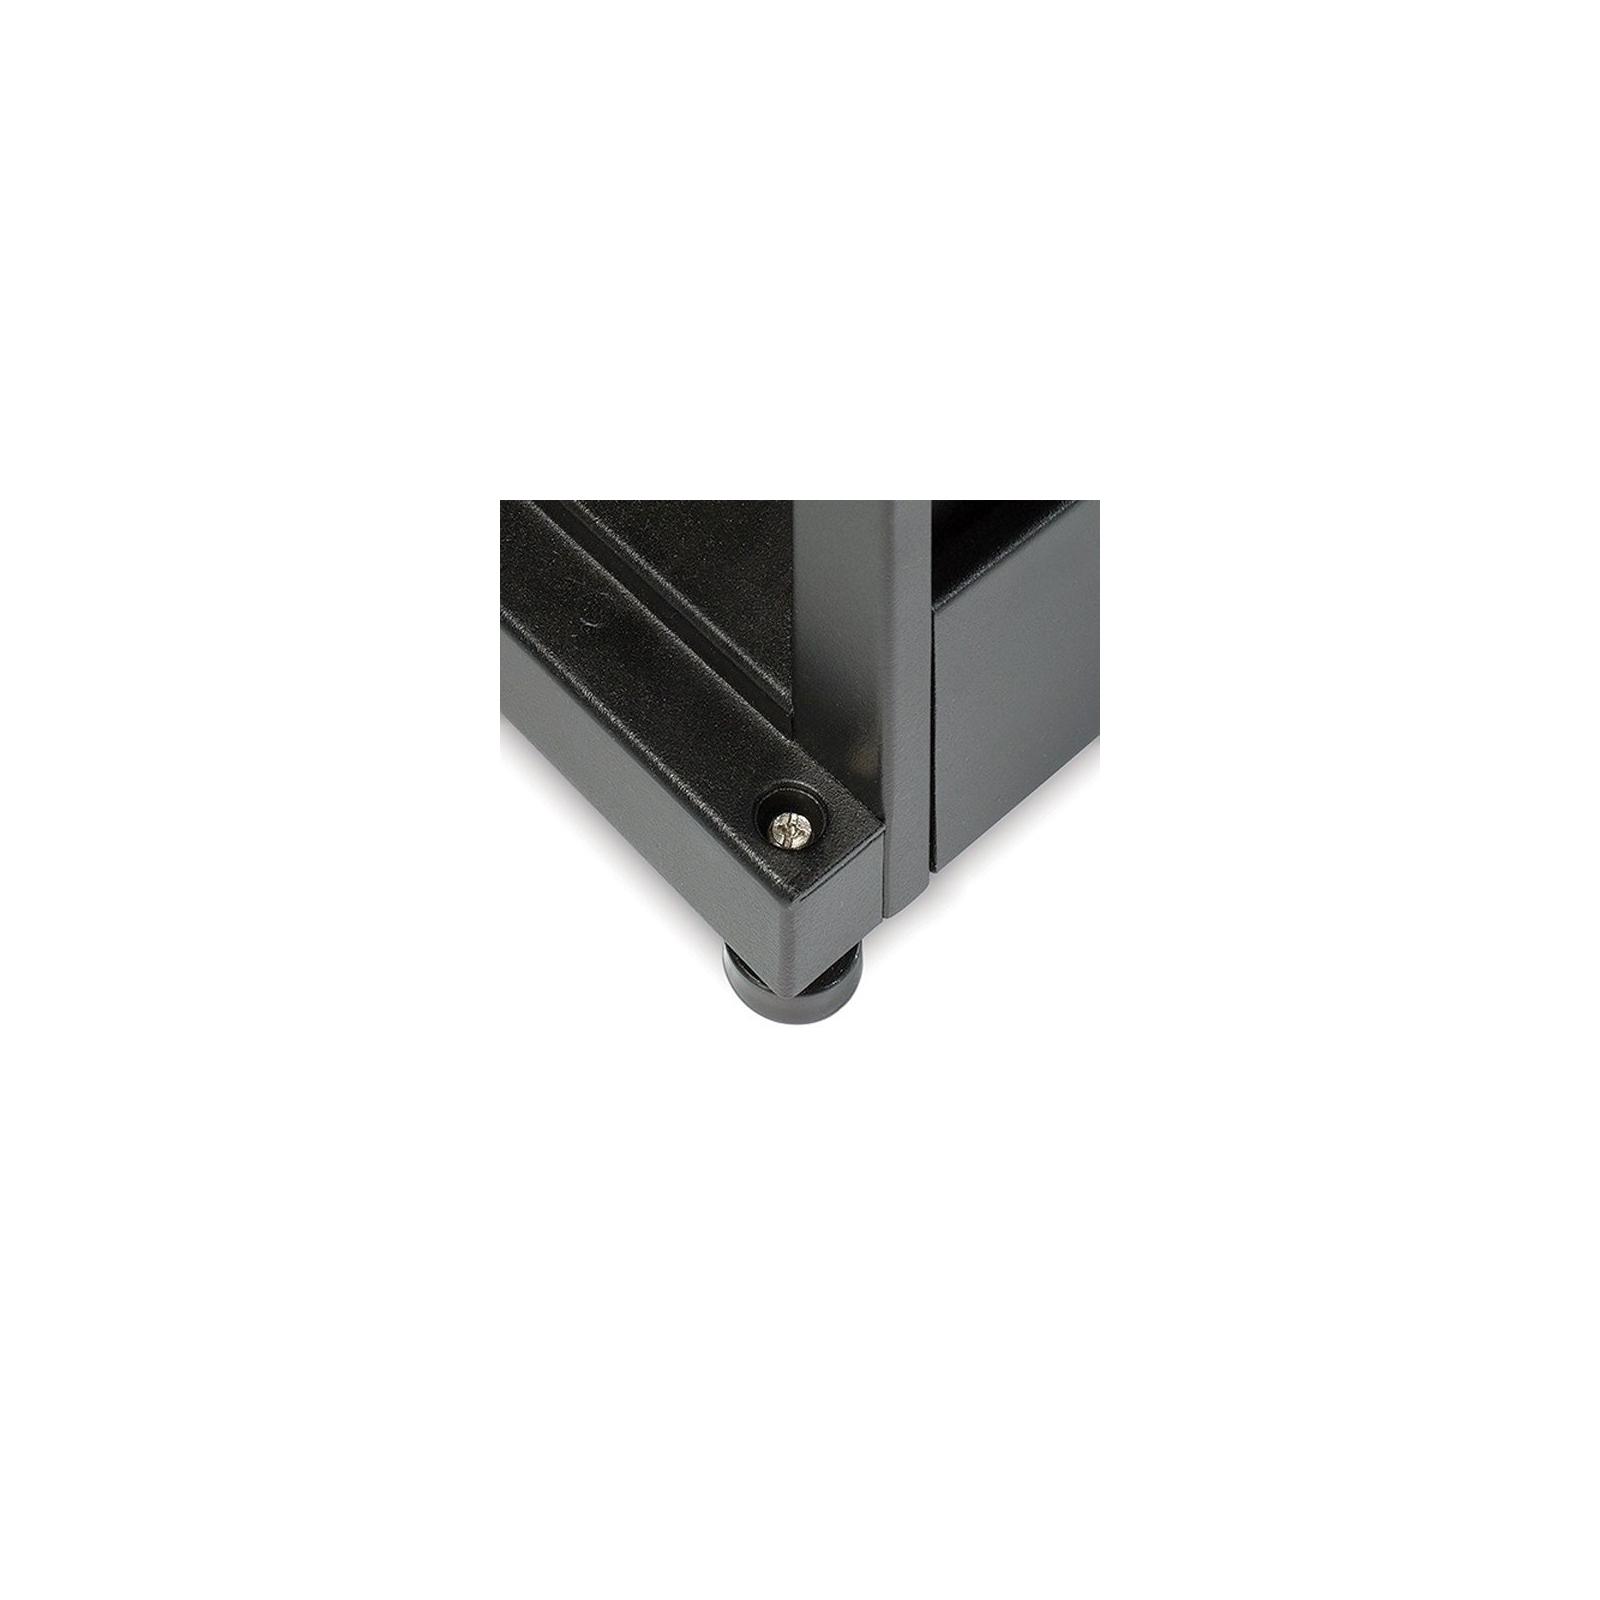 Шкаф напольный APC 42U NetShelter SX 750*1070мм (AR3150) изображение 7